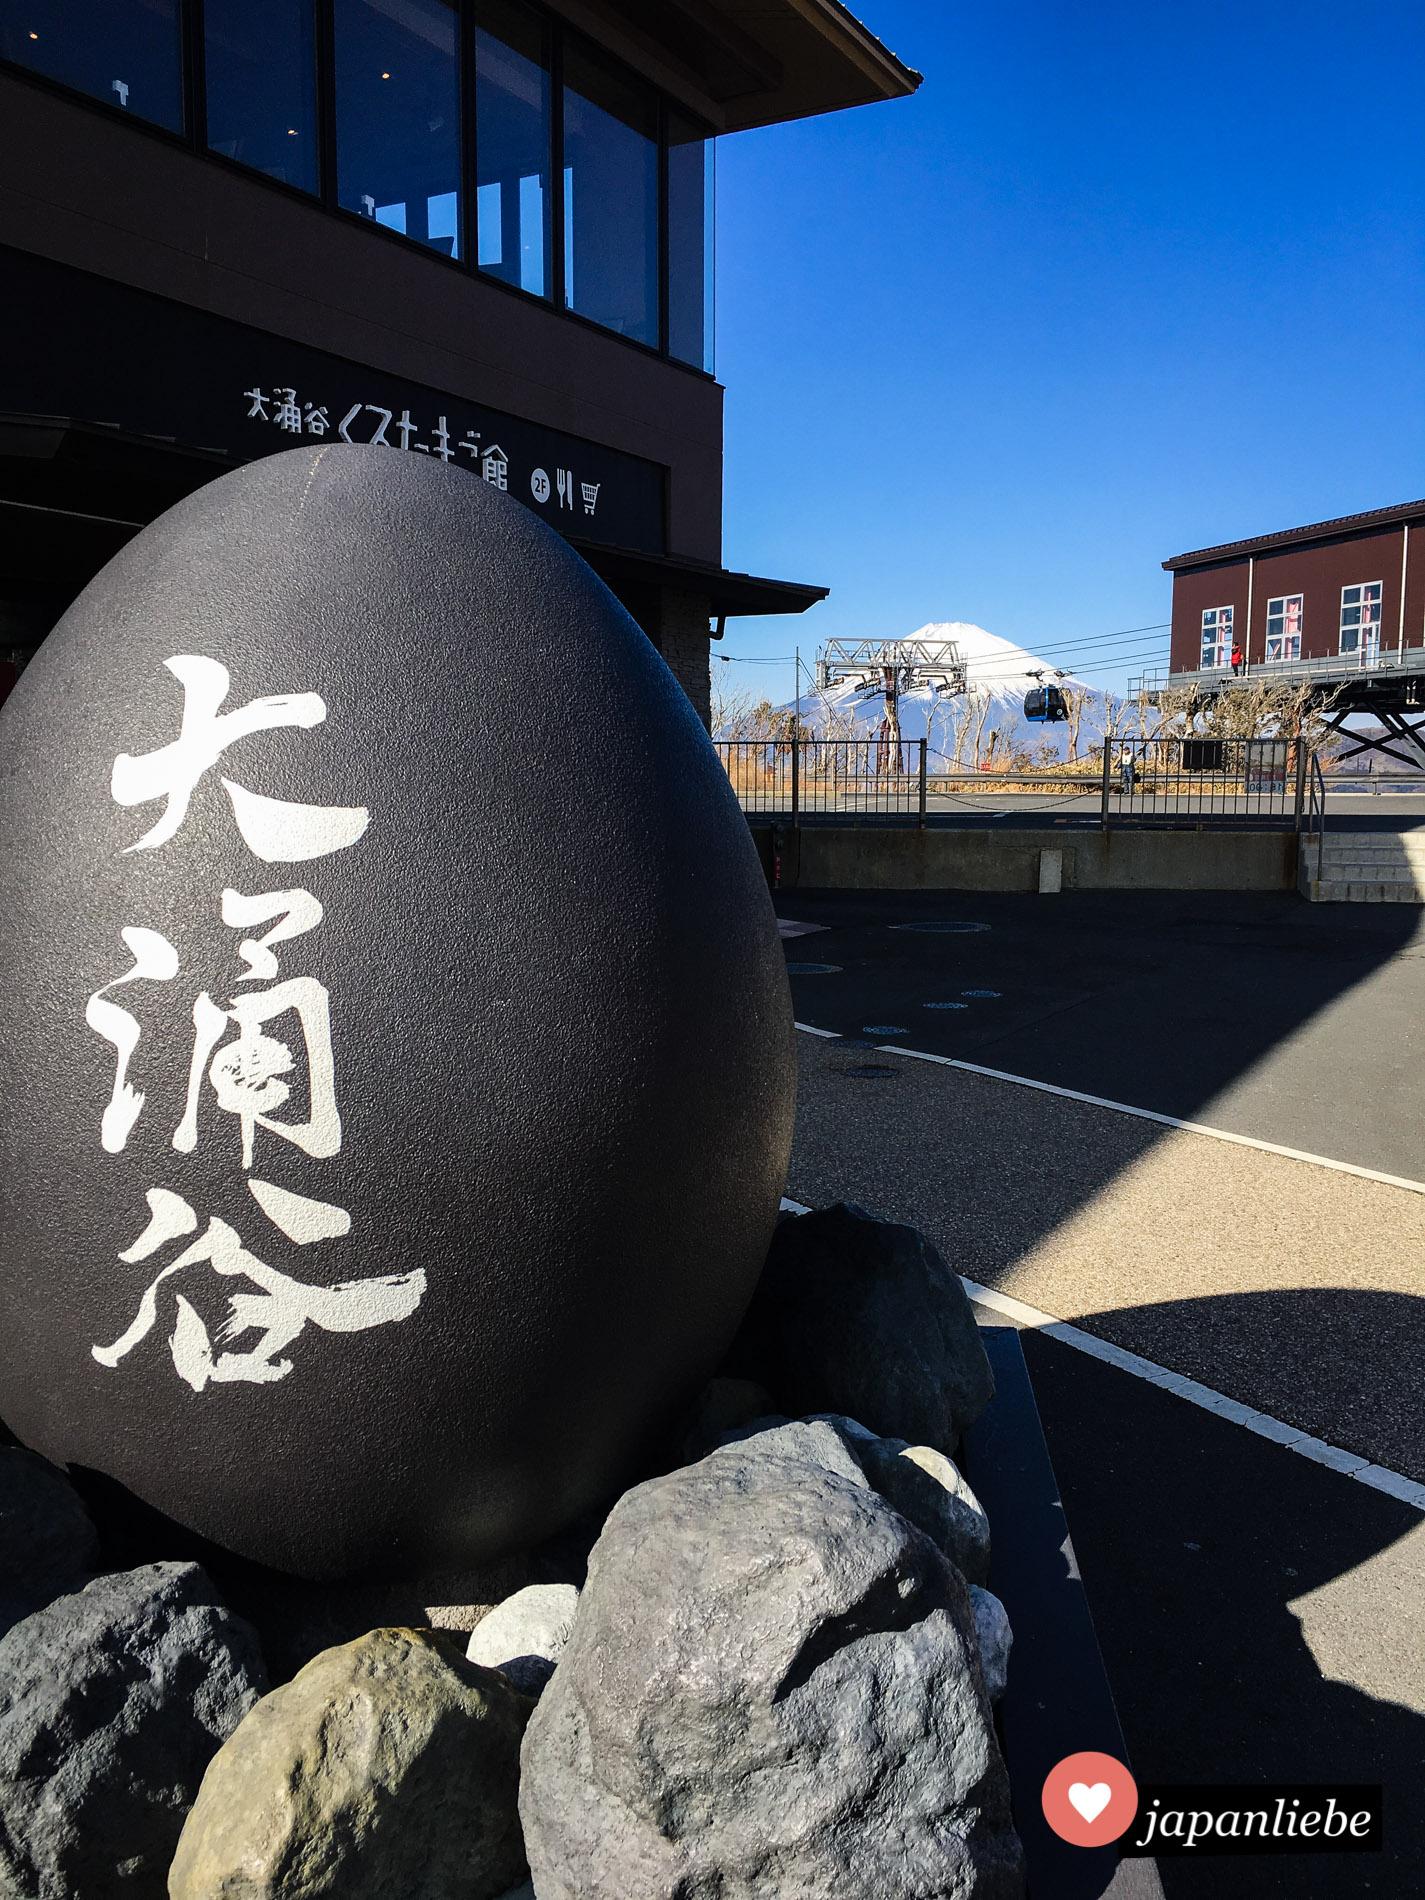 Die schwarzen Eier, die es an der Owakudani-Station der Hakone-Seilbahn zu kaufen gibt, versprechen ein langes Leben. Die Aussicht kann sich auf alle Fälle sehen lassen.